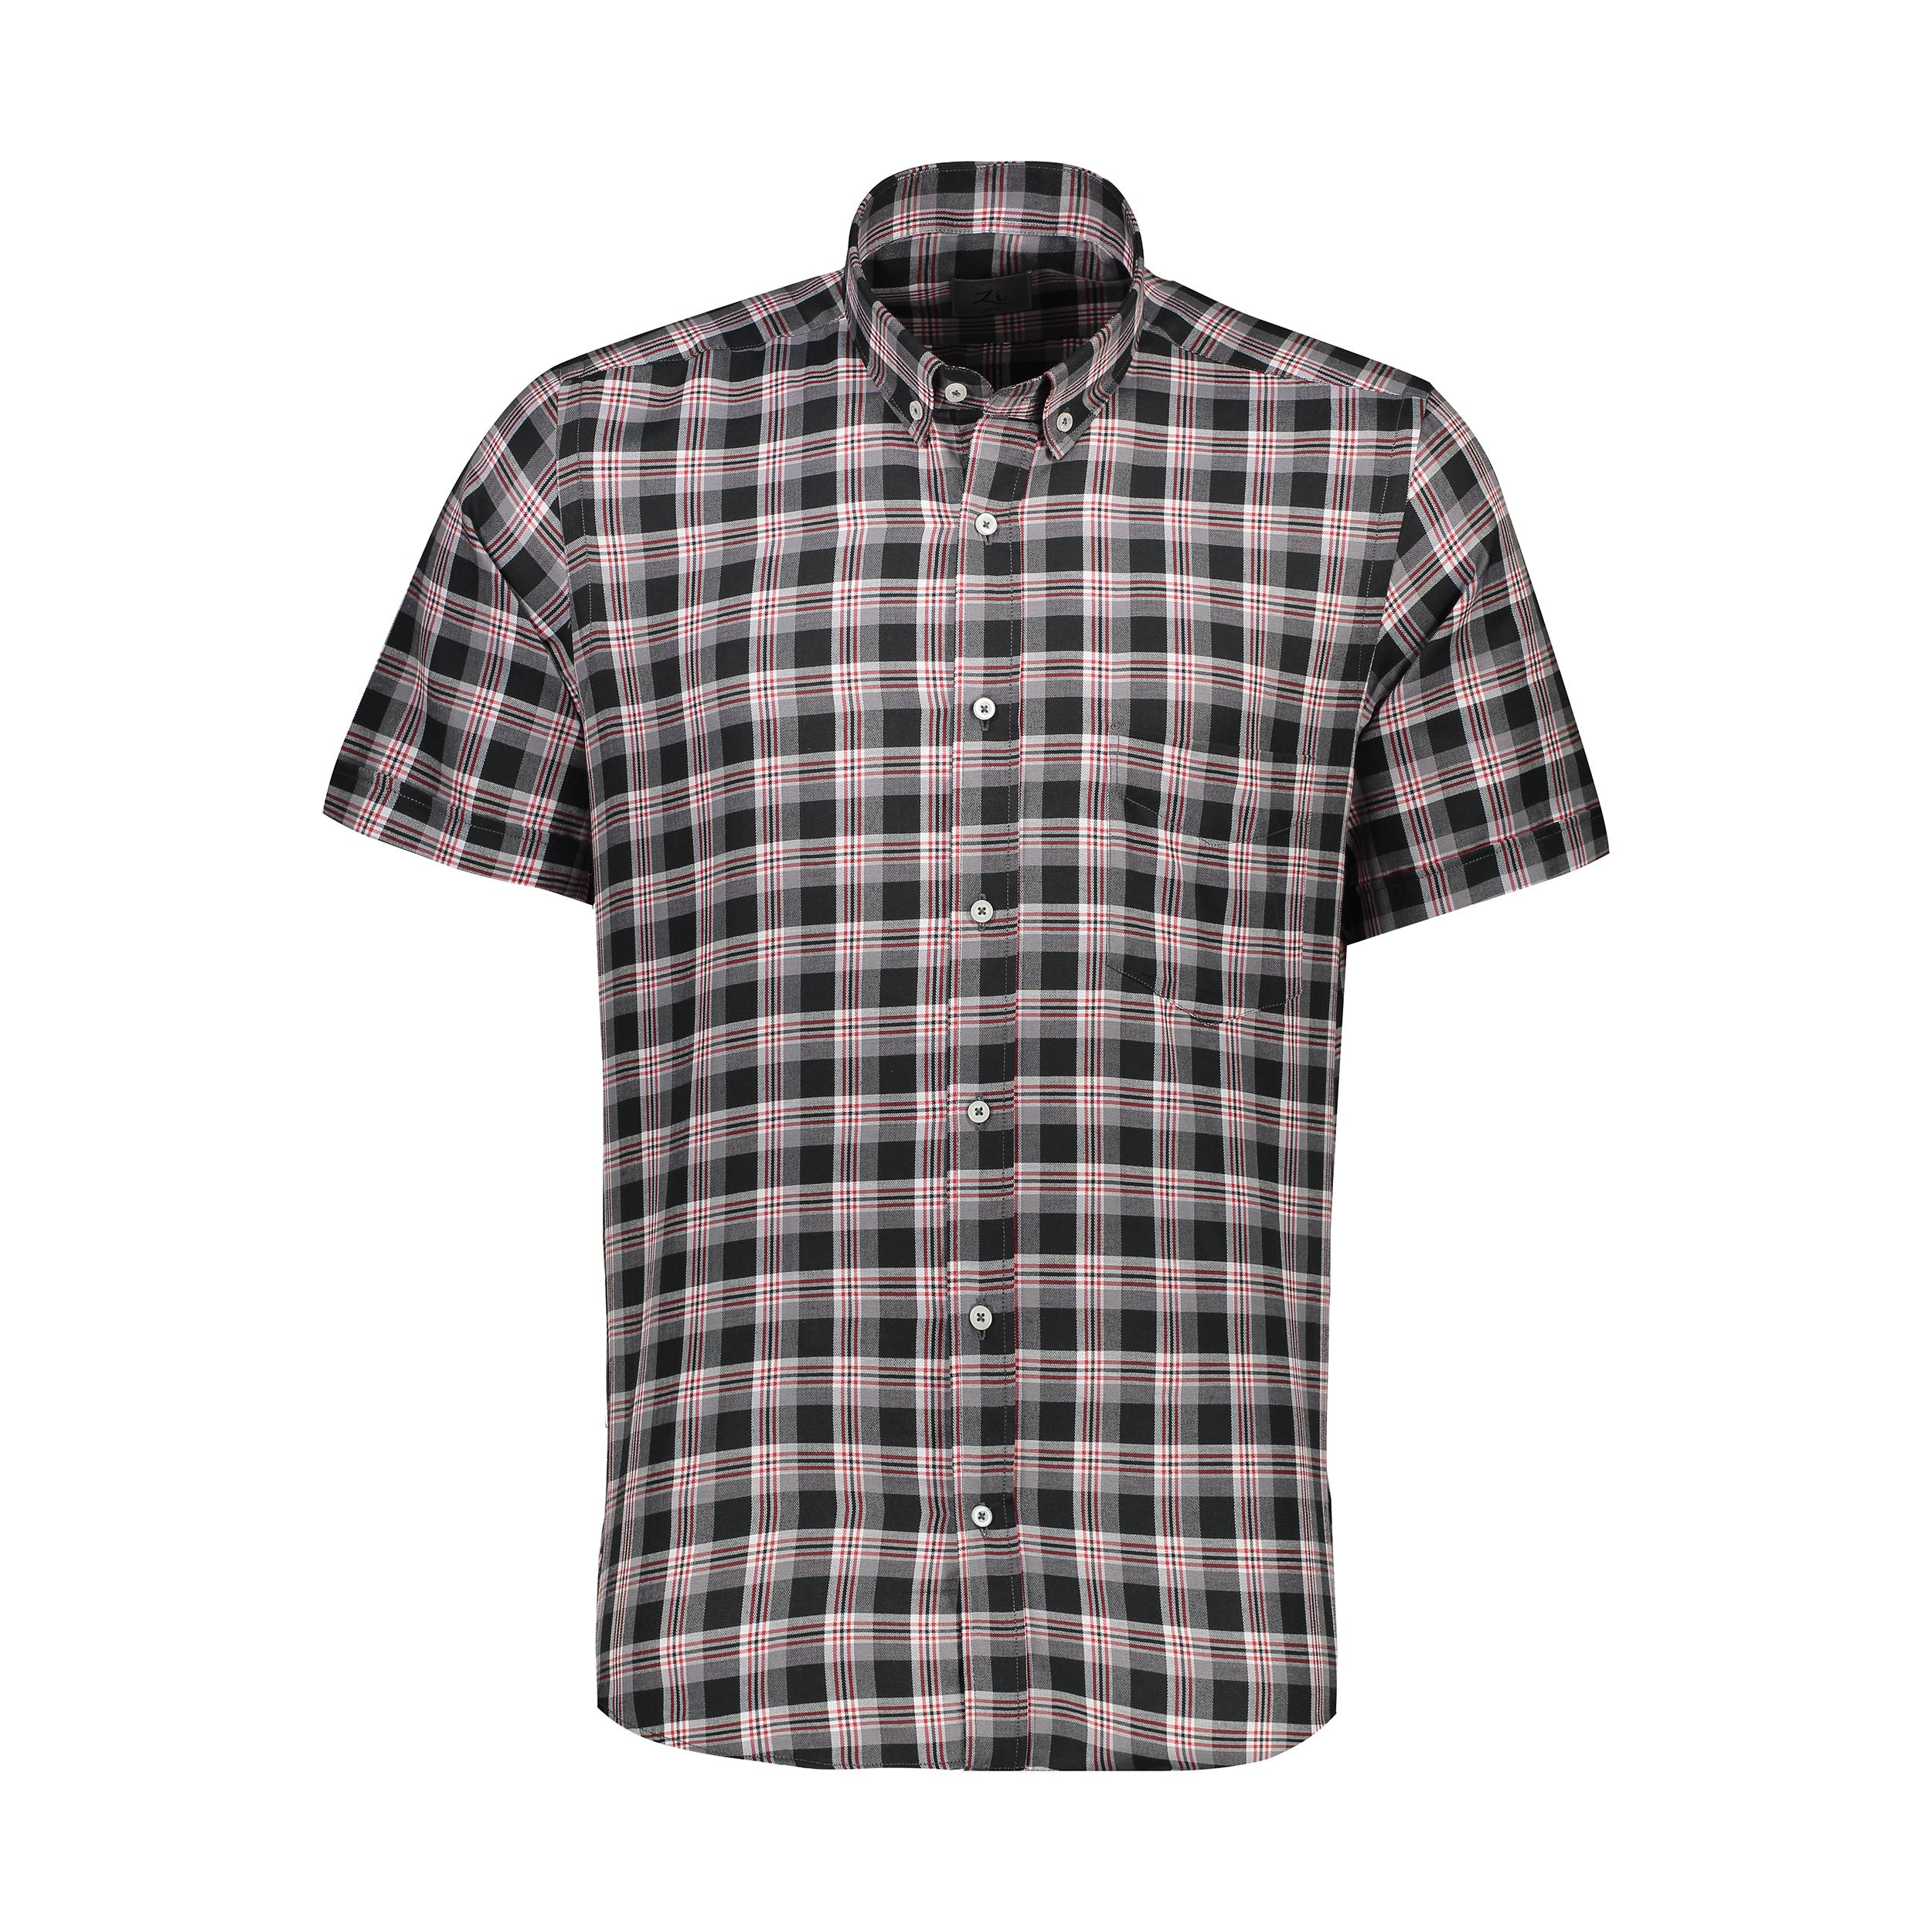 راهنمای خرید پیراهن مردانه زی مدل 1531193ML لیست قیمت